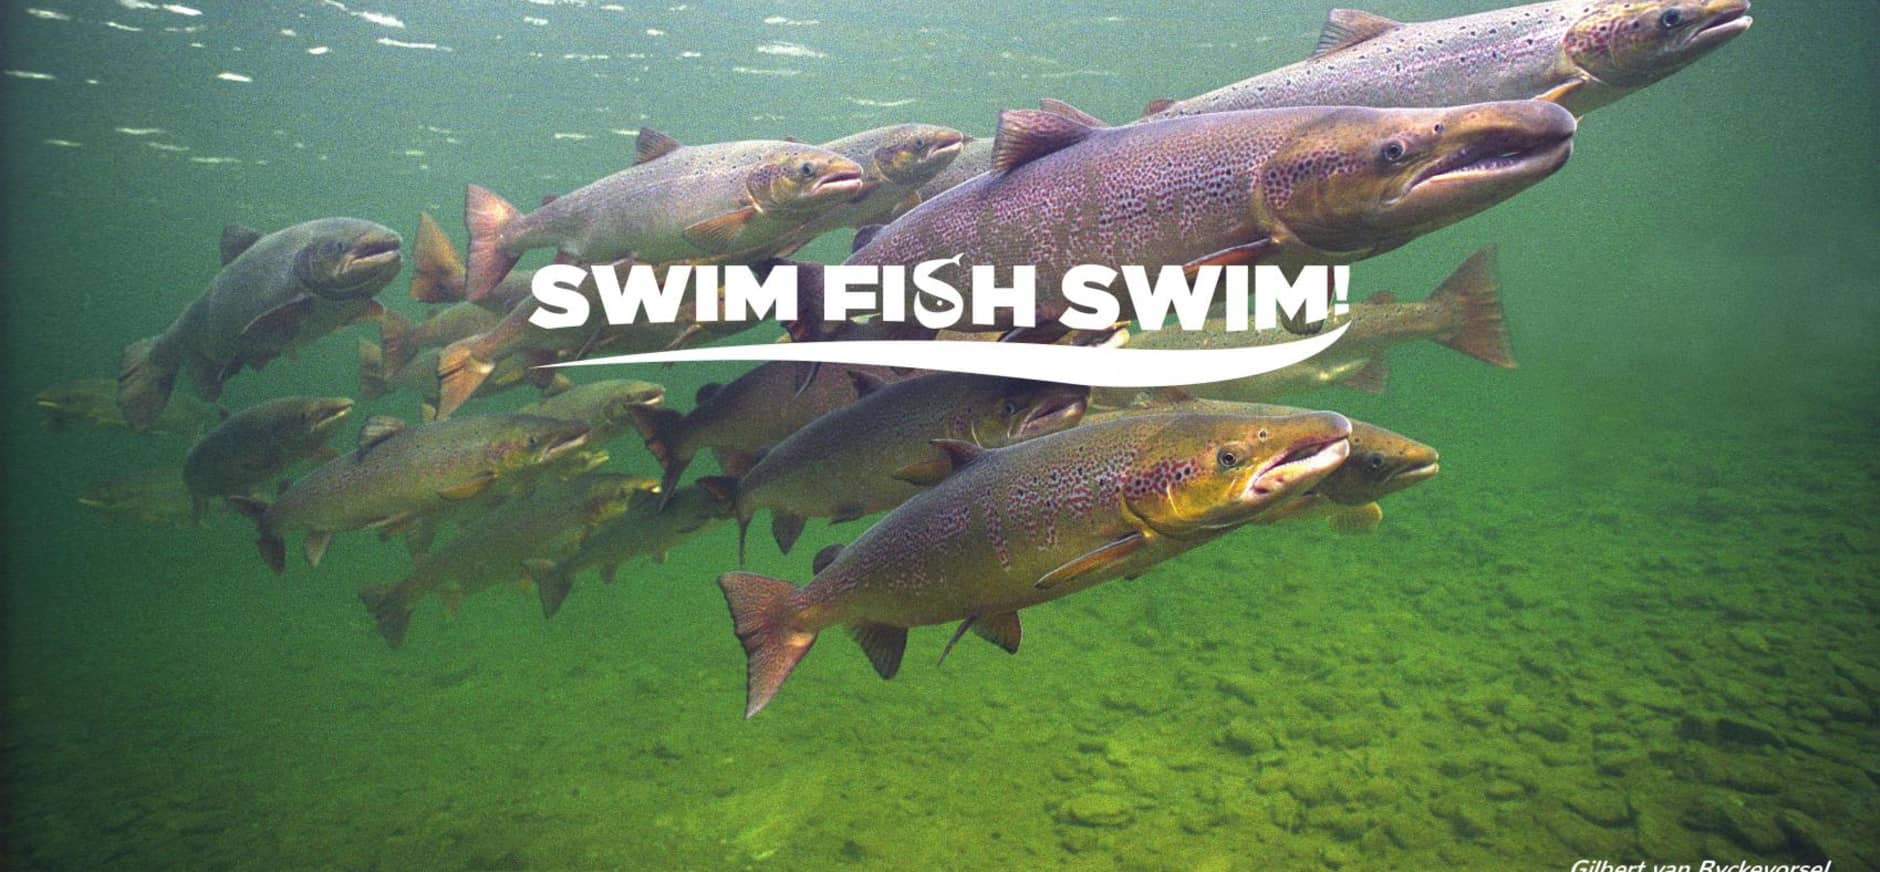 Zalm - Swim, Fish, Swim